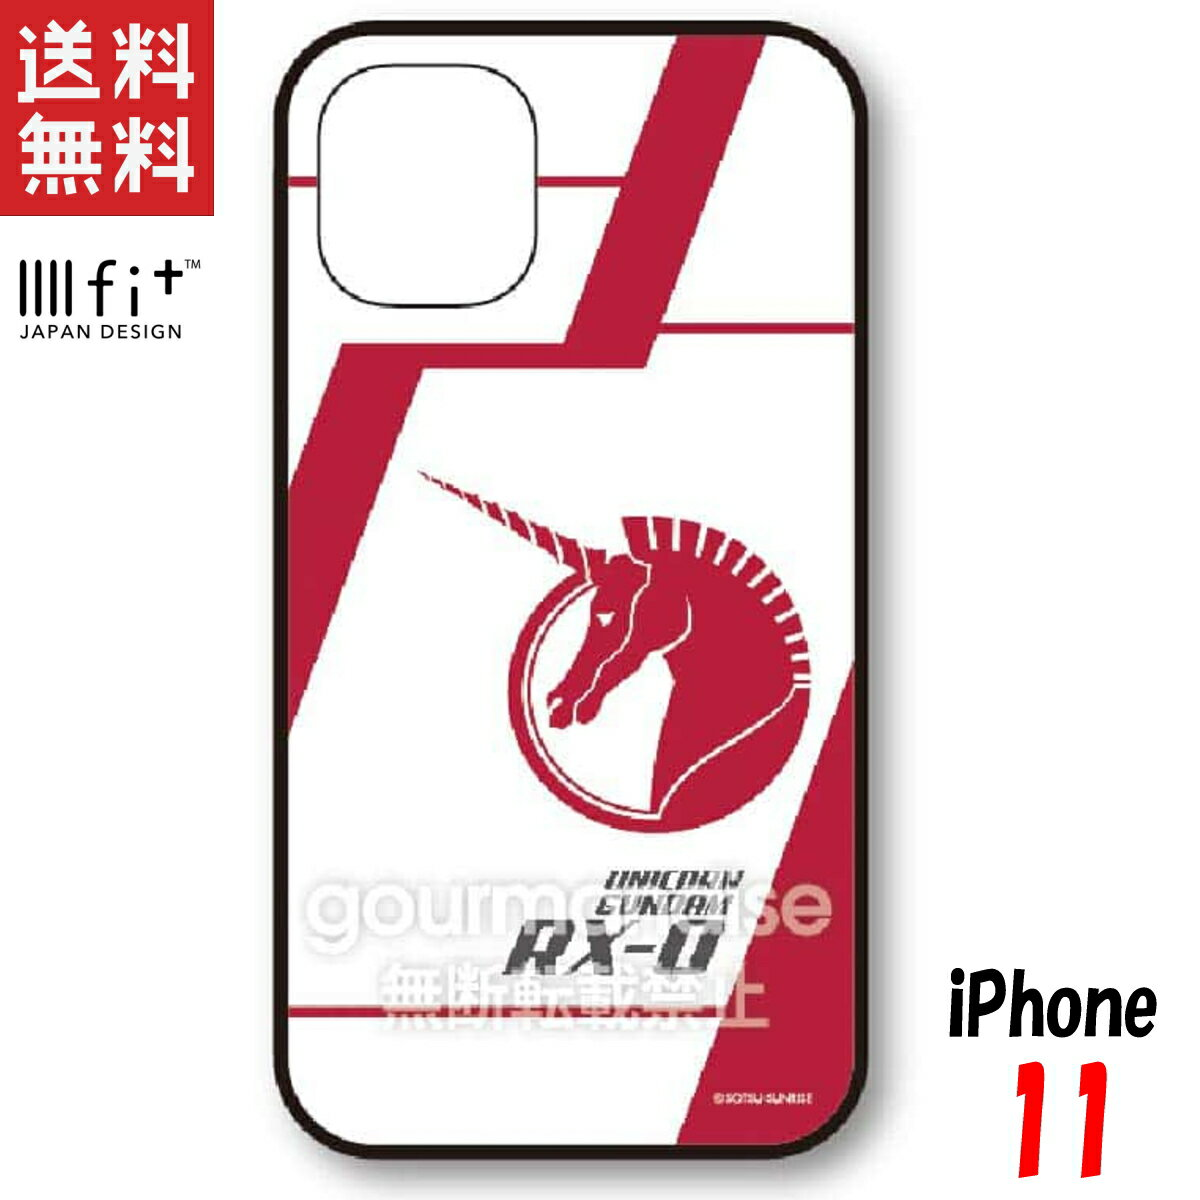 スマートフォン・携帯電話用アクセサリー, ケース・カバー UC iPhone11 IIIIfit GD-108A